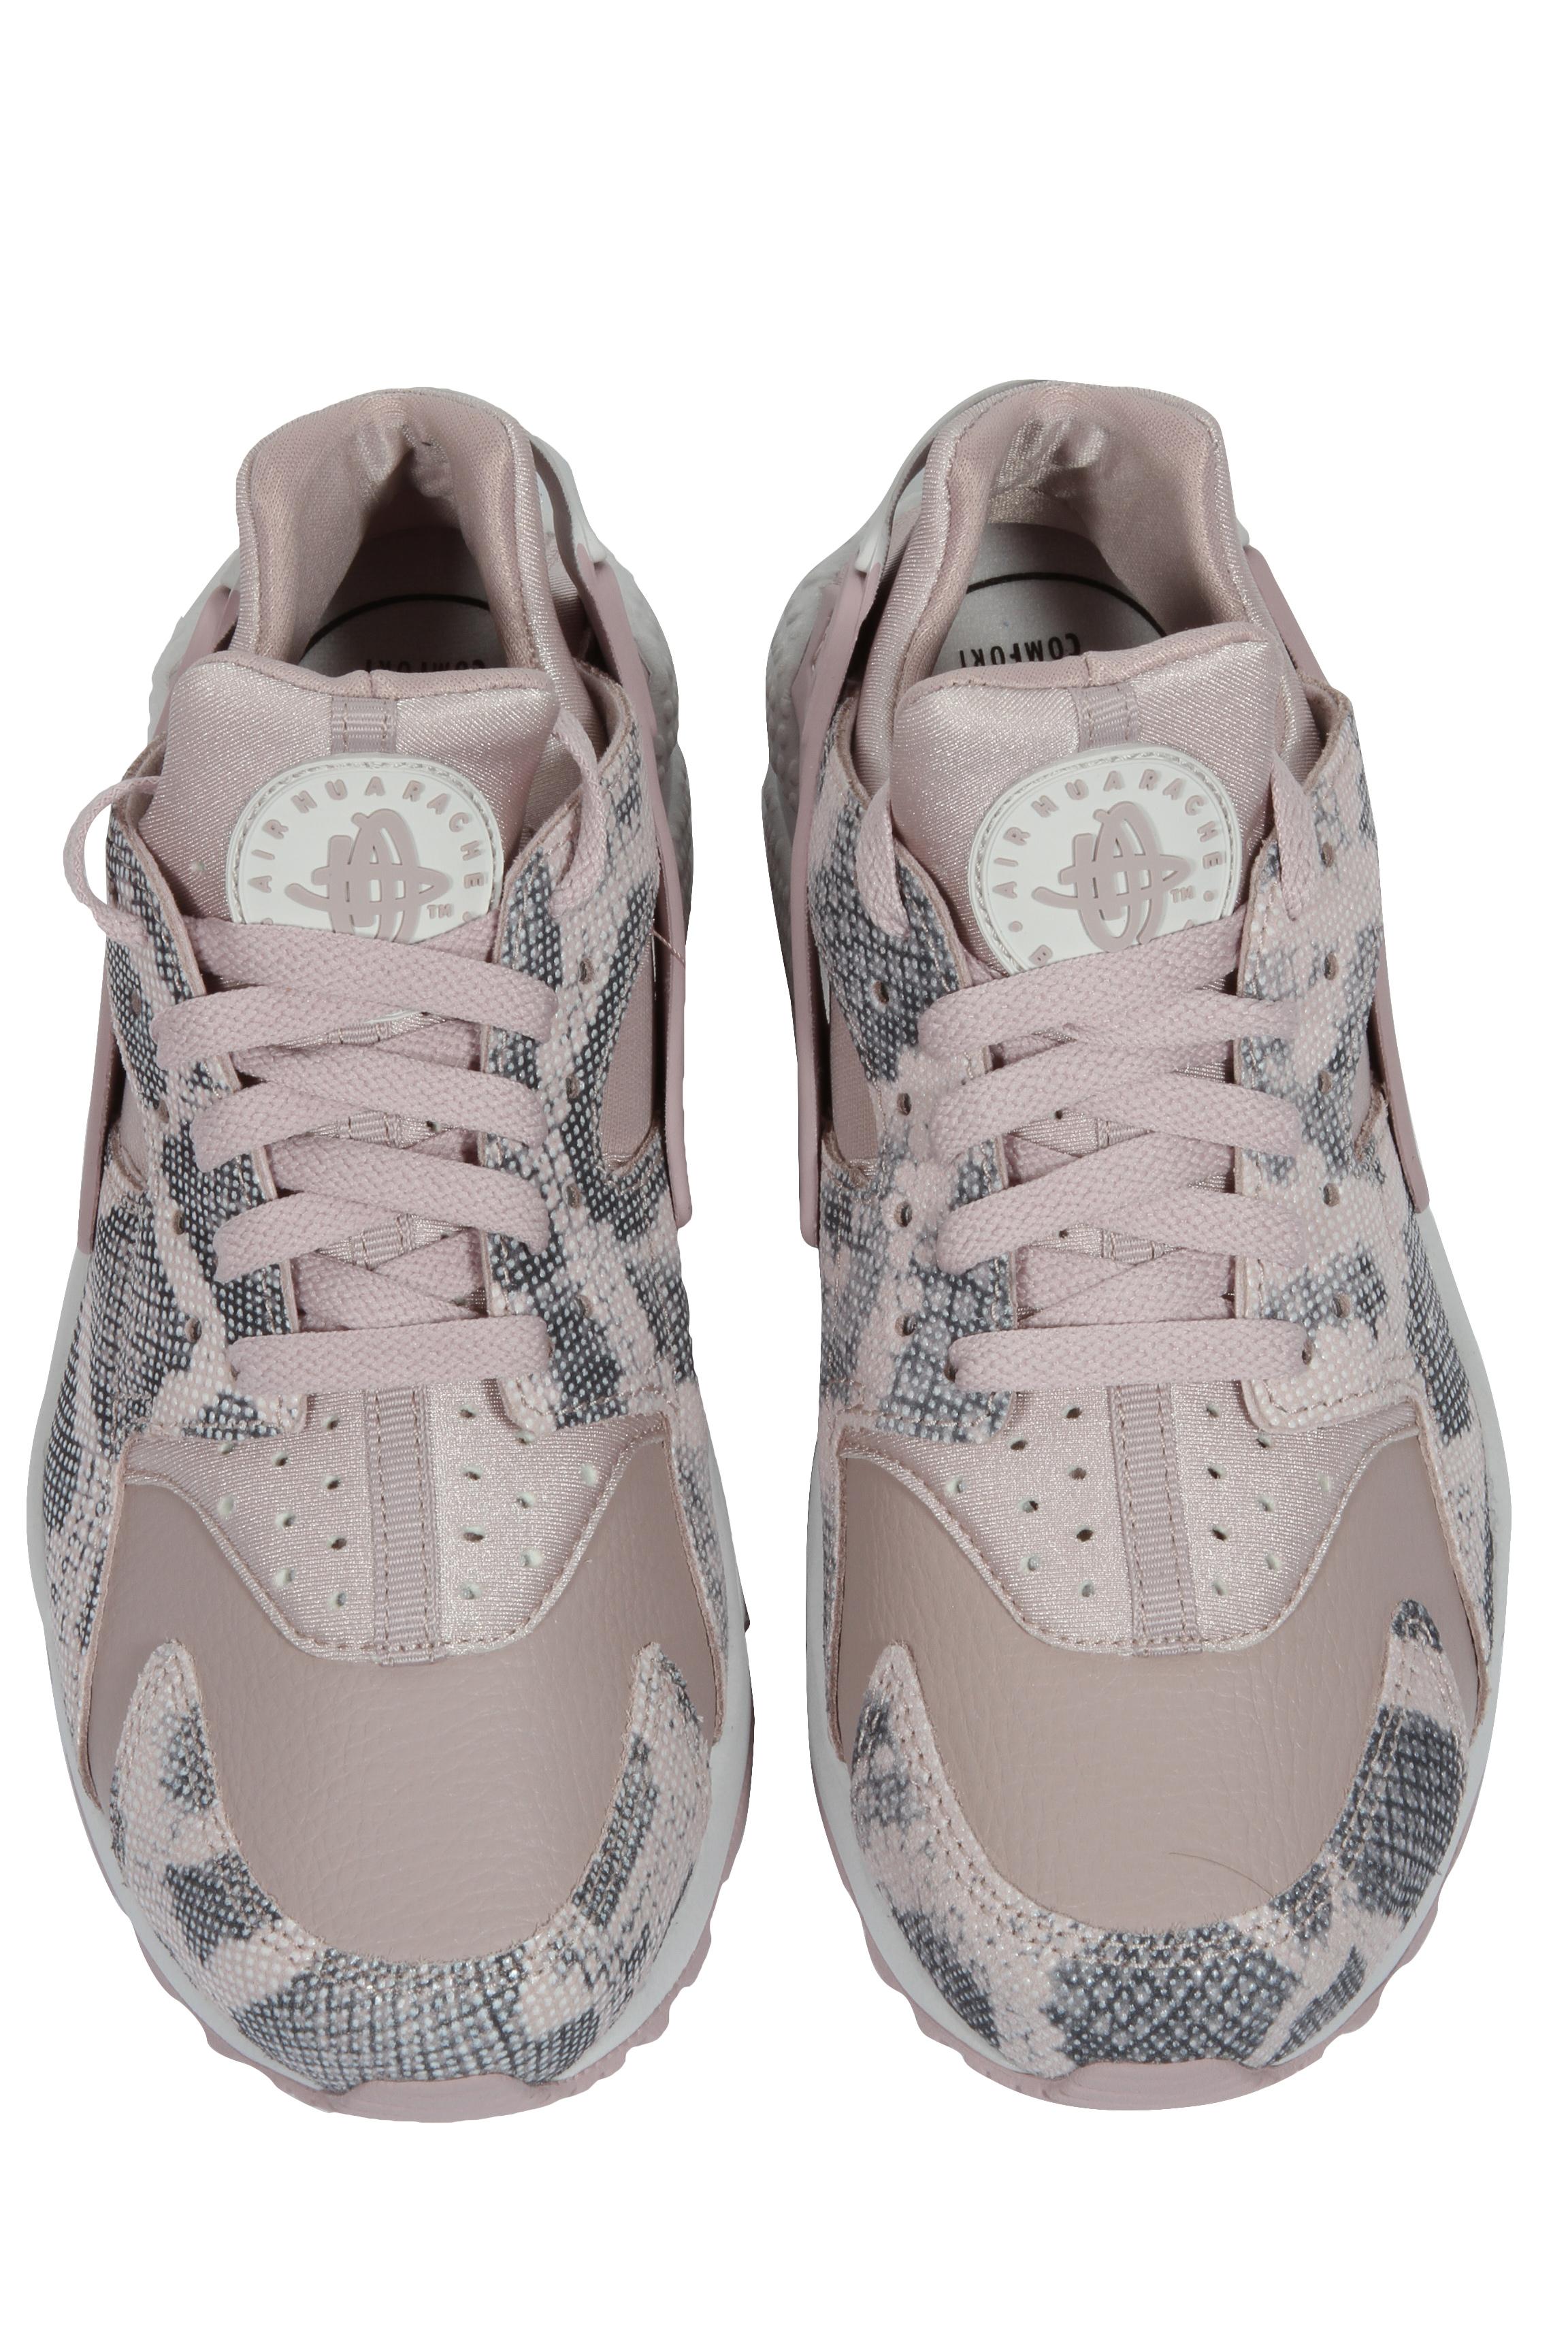 wholesale dealer d02aa f4ee4 Nike-Air-Huarache-Run-Premium-Women-039-s-